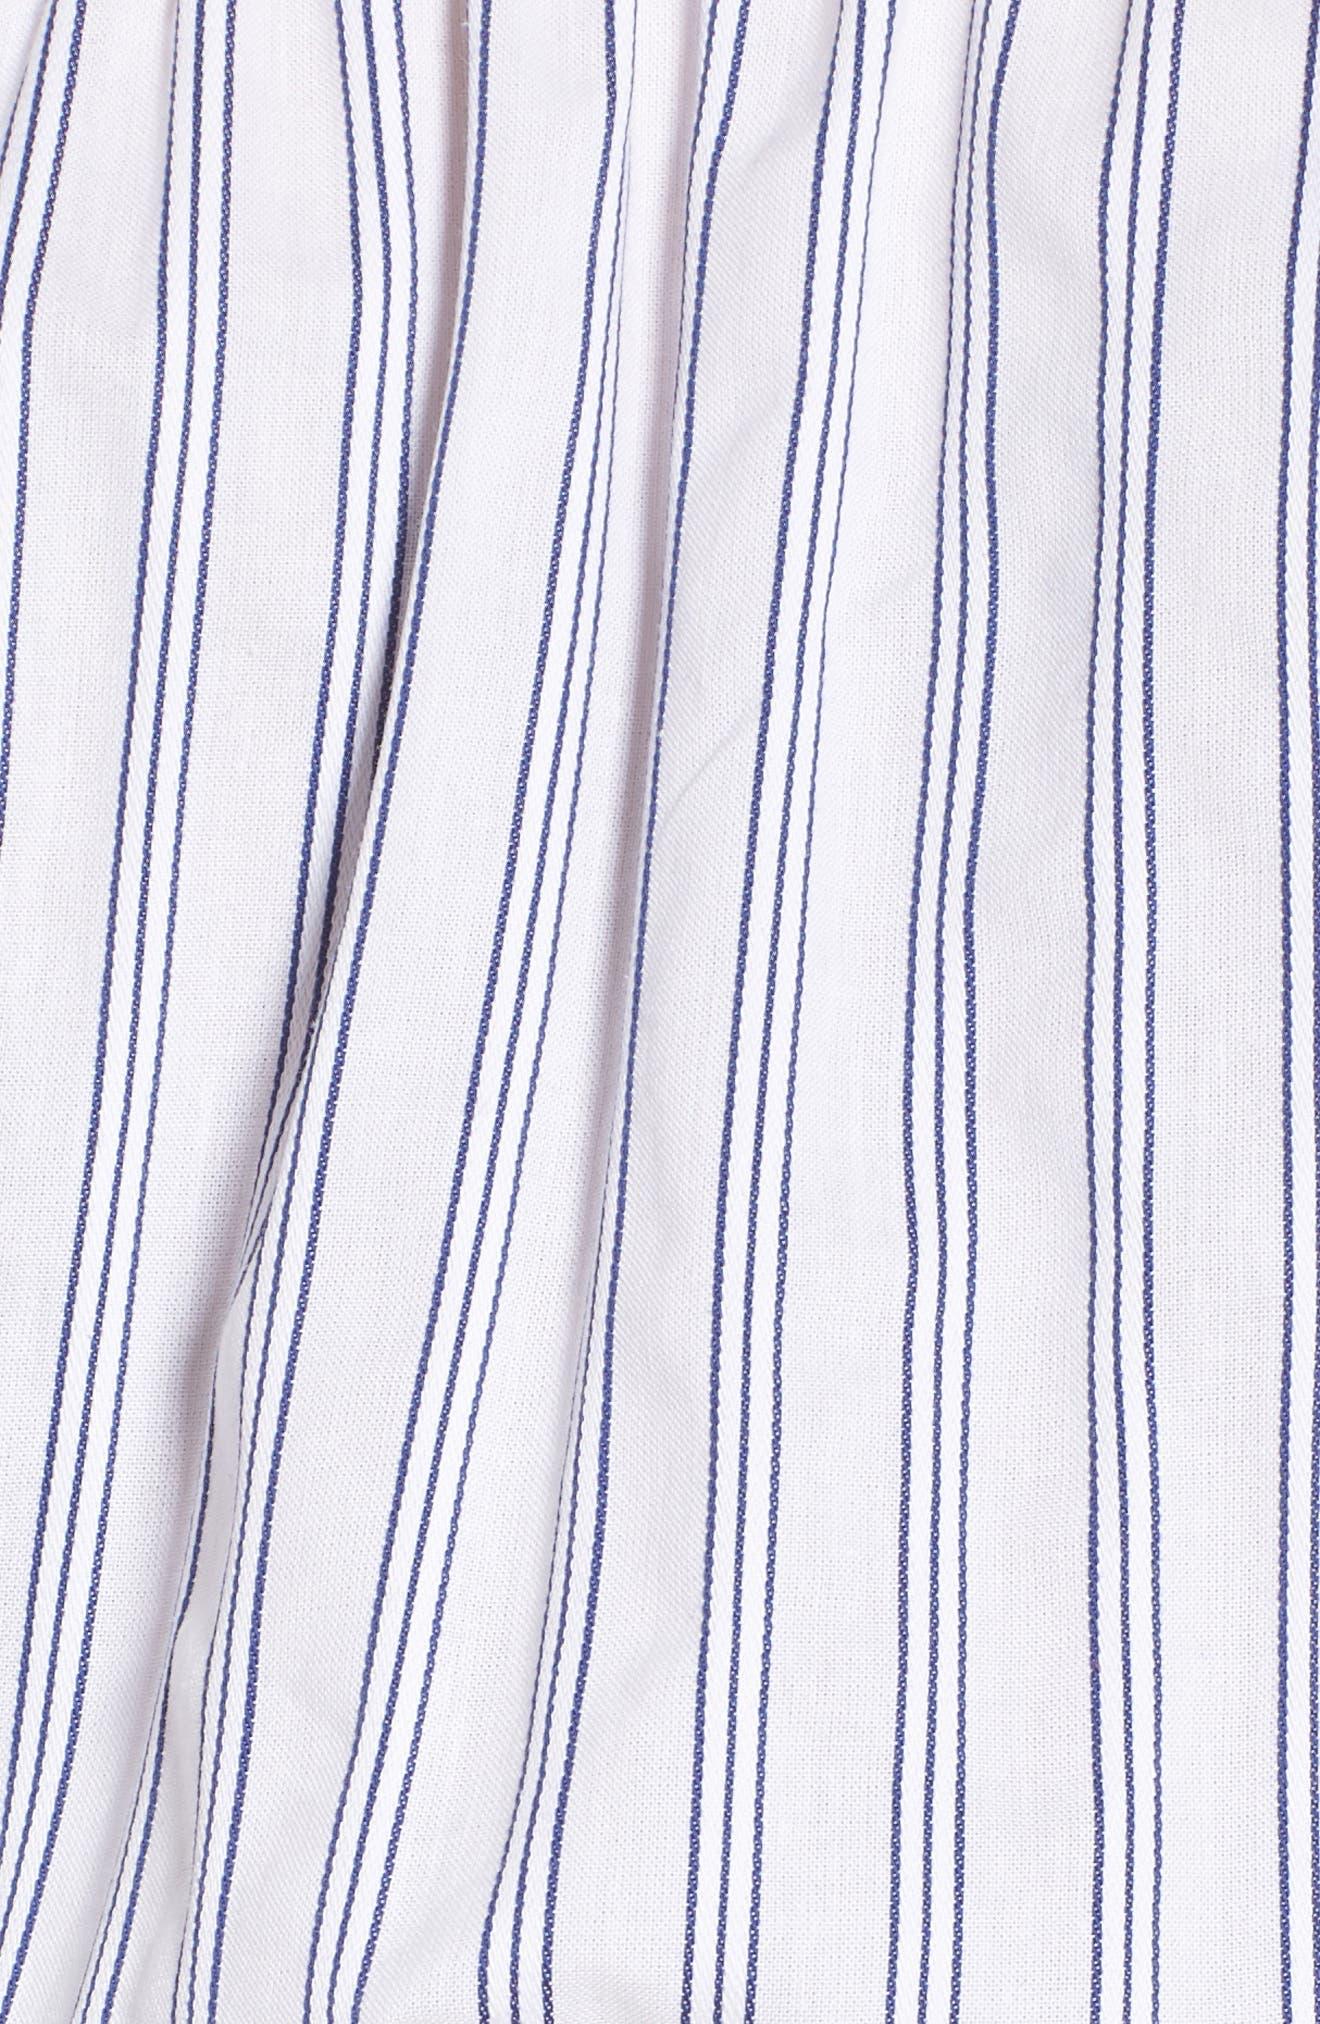 Barbados Stripe Off the Shoulder Dress,                             Alternate thumbnail 6, color,                             Blue